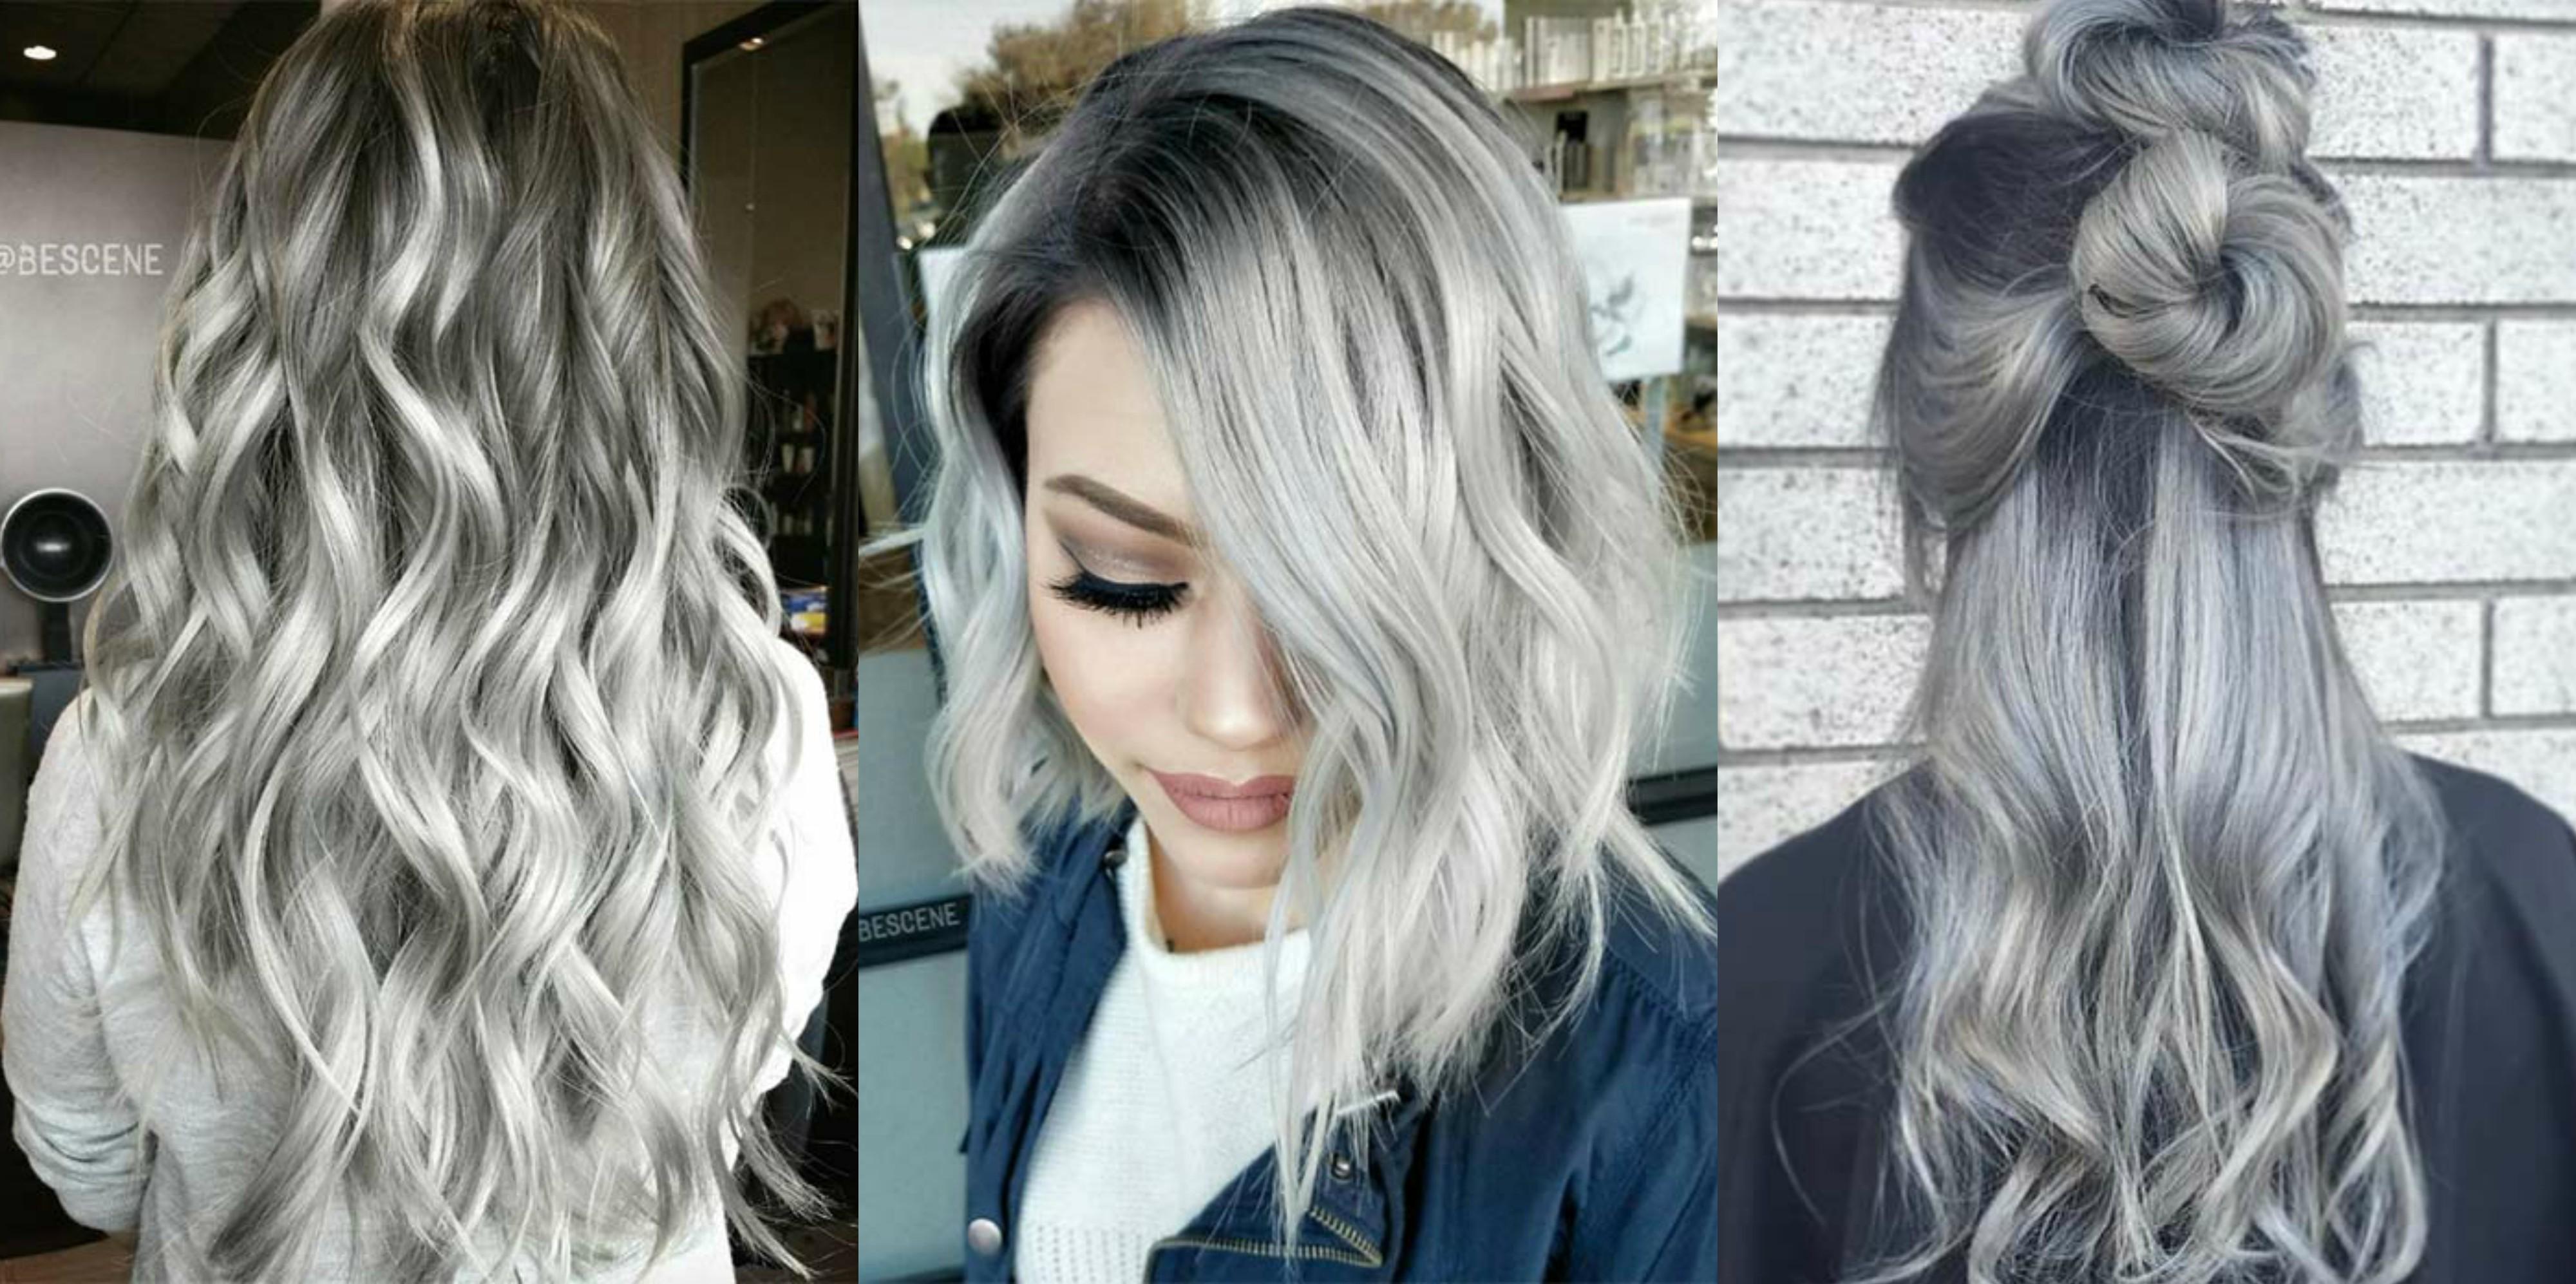 A silver, azaz ezüst hajszín a 2019-es hajszín trendekben is ugyanúgy hódít, mint az utóbbi években. Téged is teljesen elkápráztatnak az ezüstös fényben ragyogó frizurák? <br />